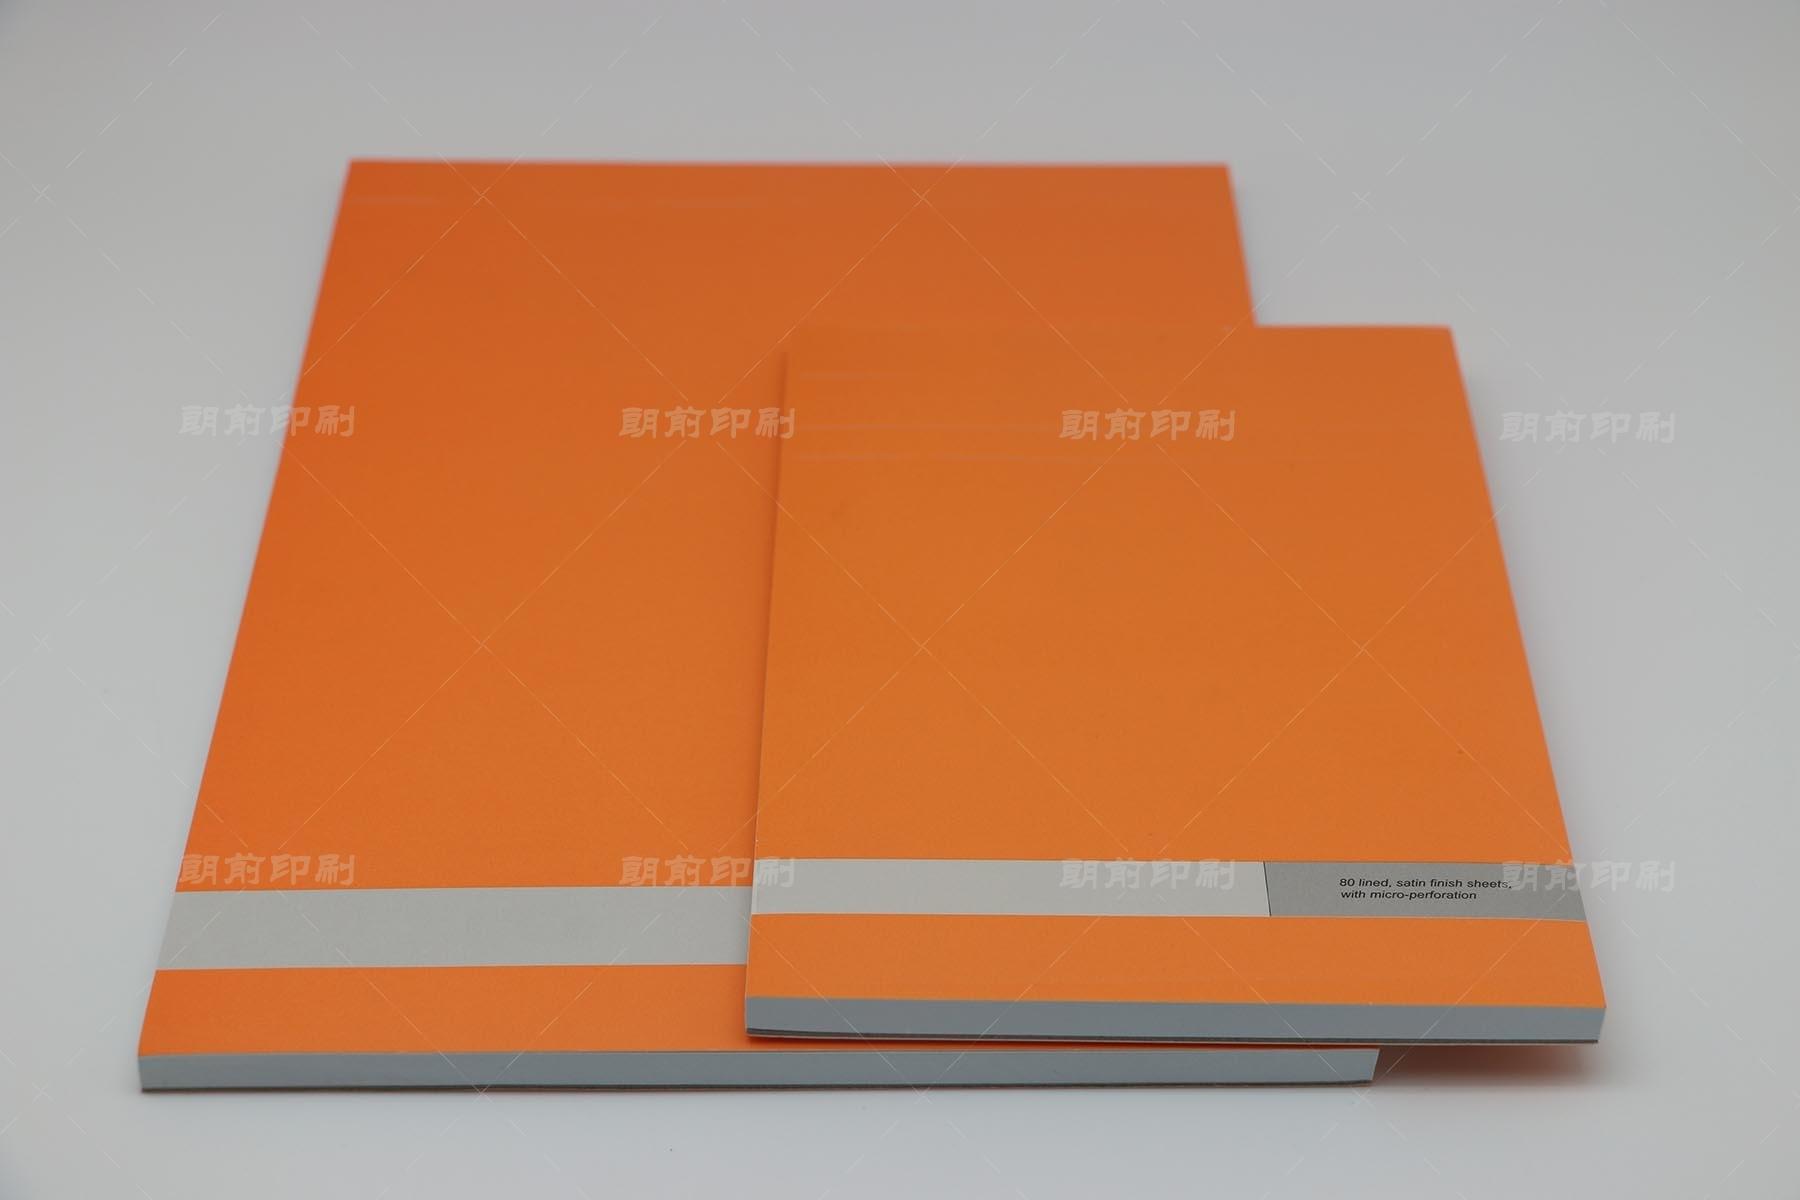 广州活动画册制作公司 广州画册印刷怎么导